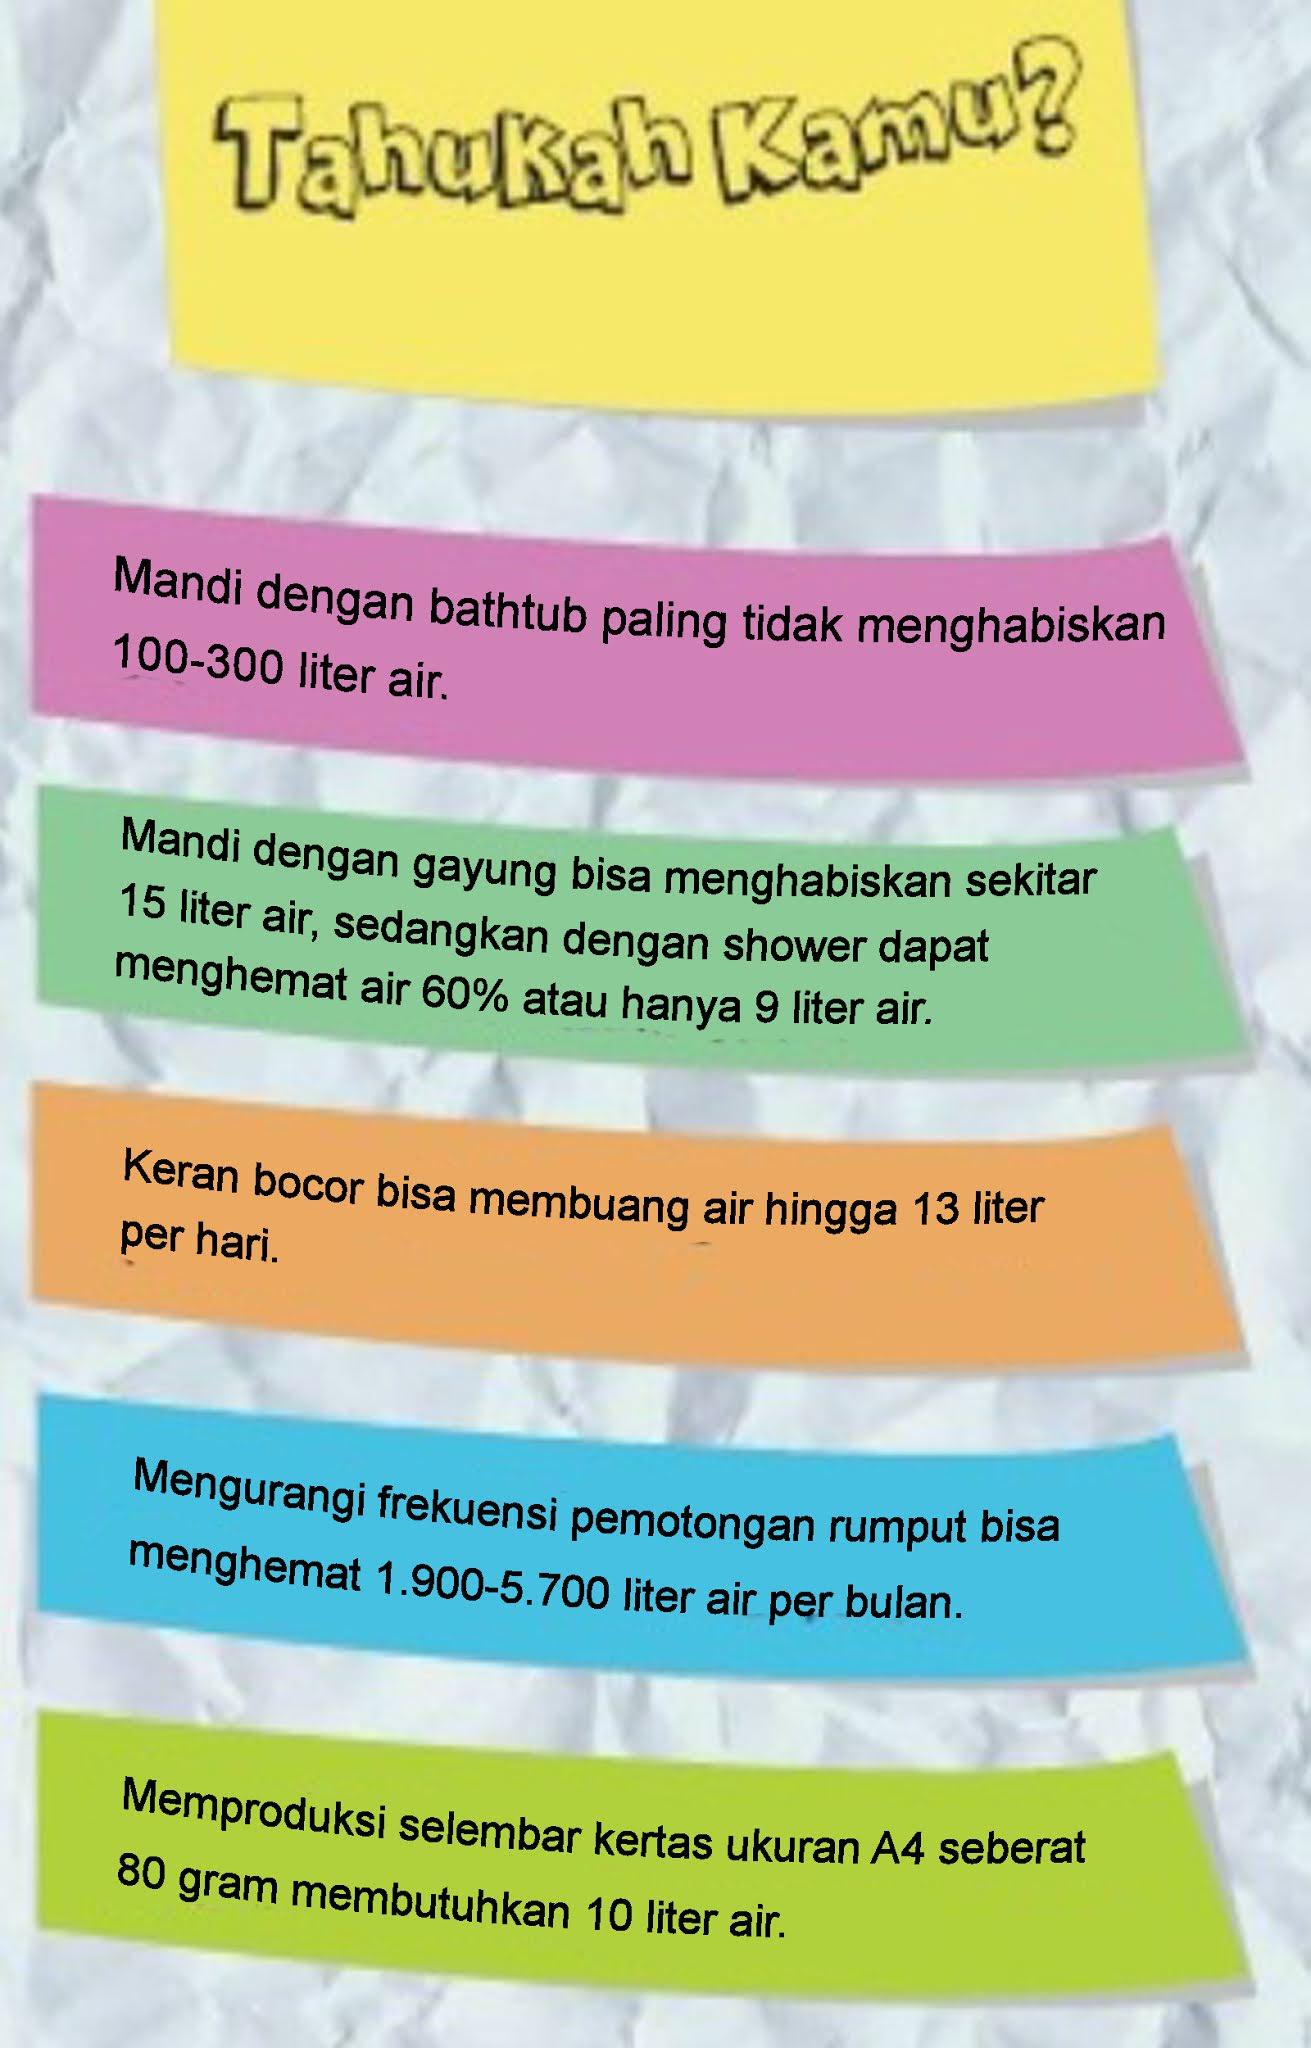 Kumpulan Soal AKM Numerasi Level 4 (Kelas 8) - www.gurnulis.id